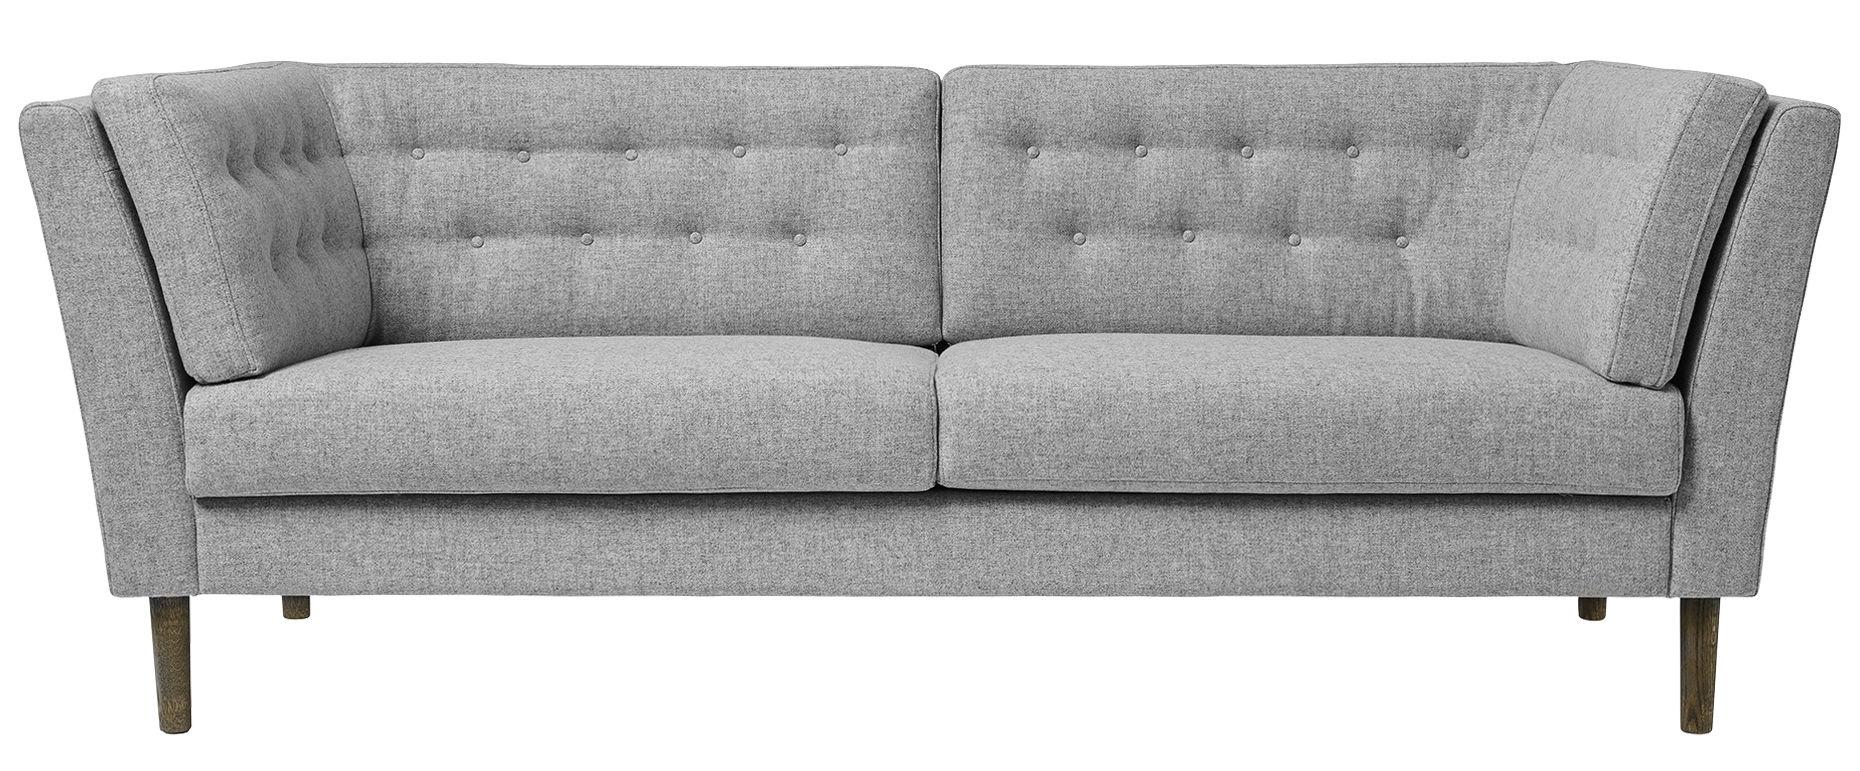 Mobilier - Canapés - Canapé droit Pause / 3 places - L 208 cm - Bloomingville - Gris clair / Piètement chêne fumé - Chêne teinté, Polyester